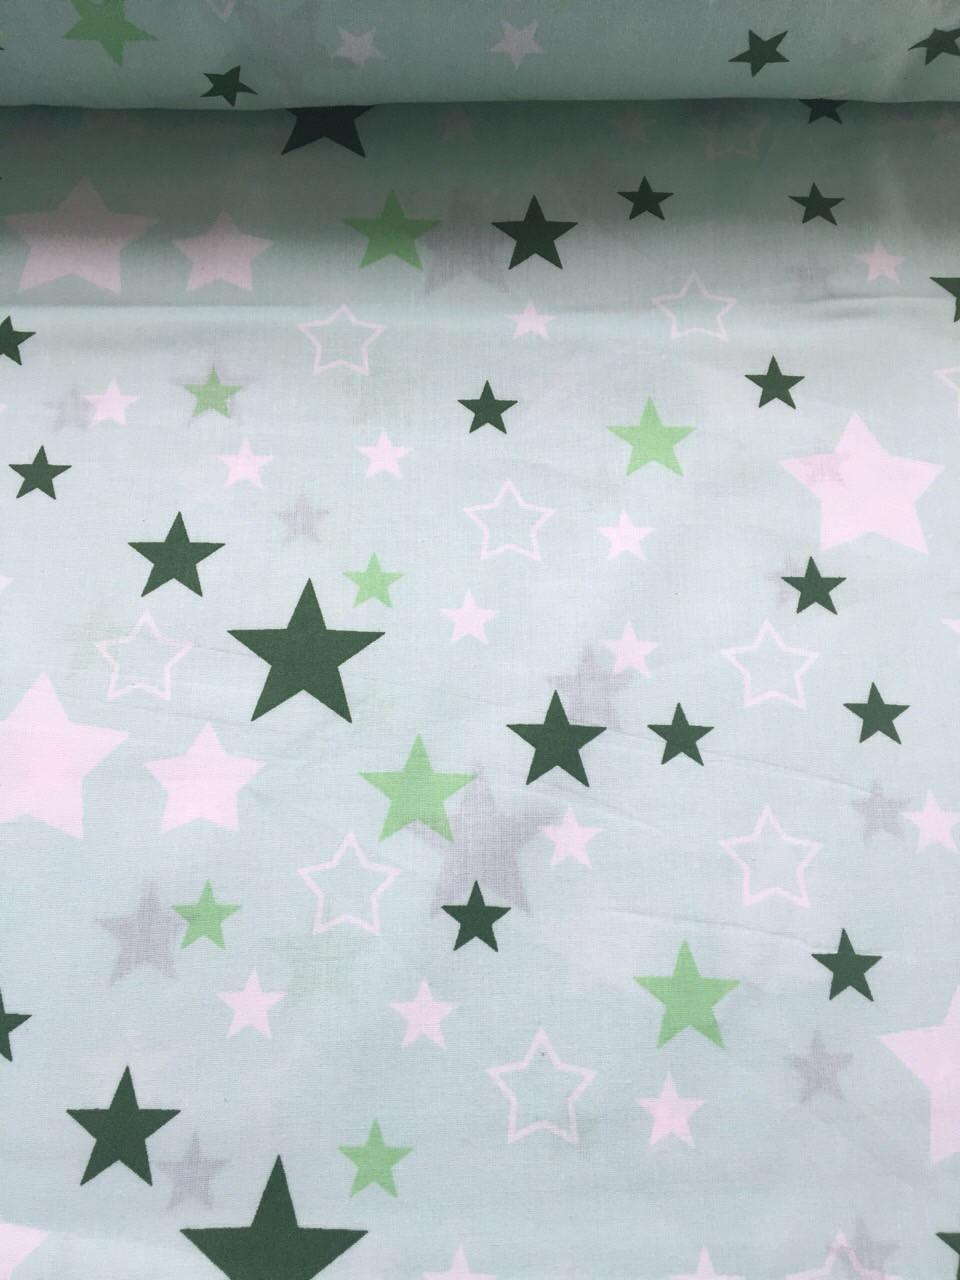 Хлопковая ткань польская звезды белые, зеленые, салатовые большие и маленькие на салатовом №357